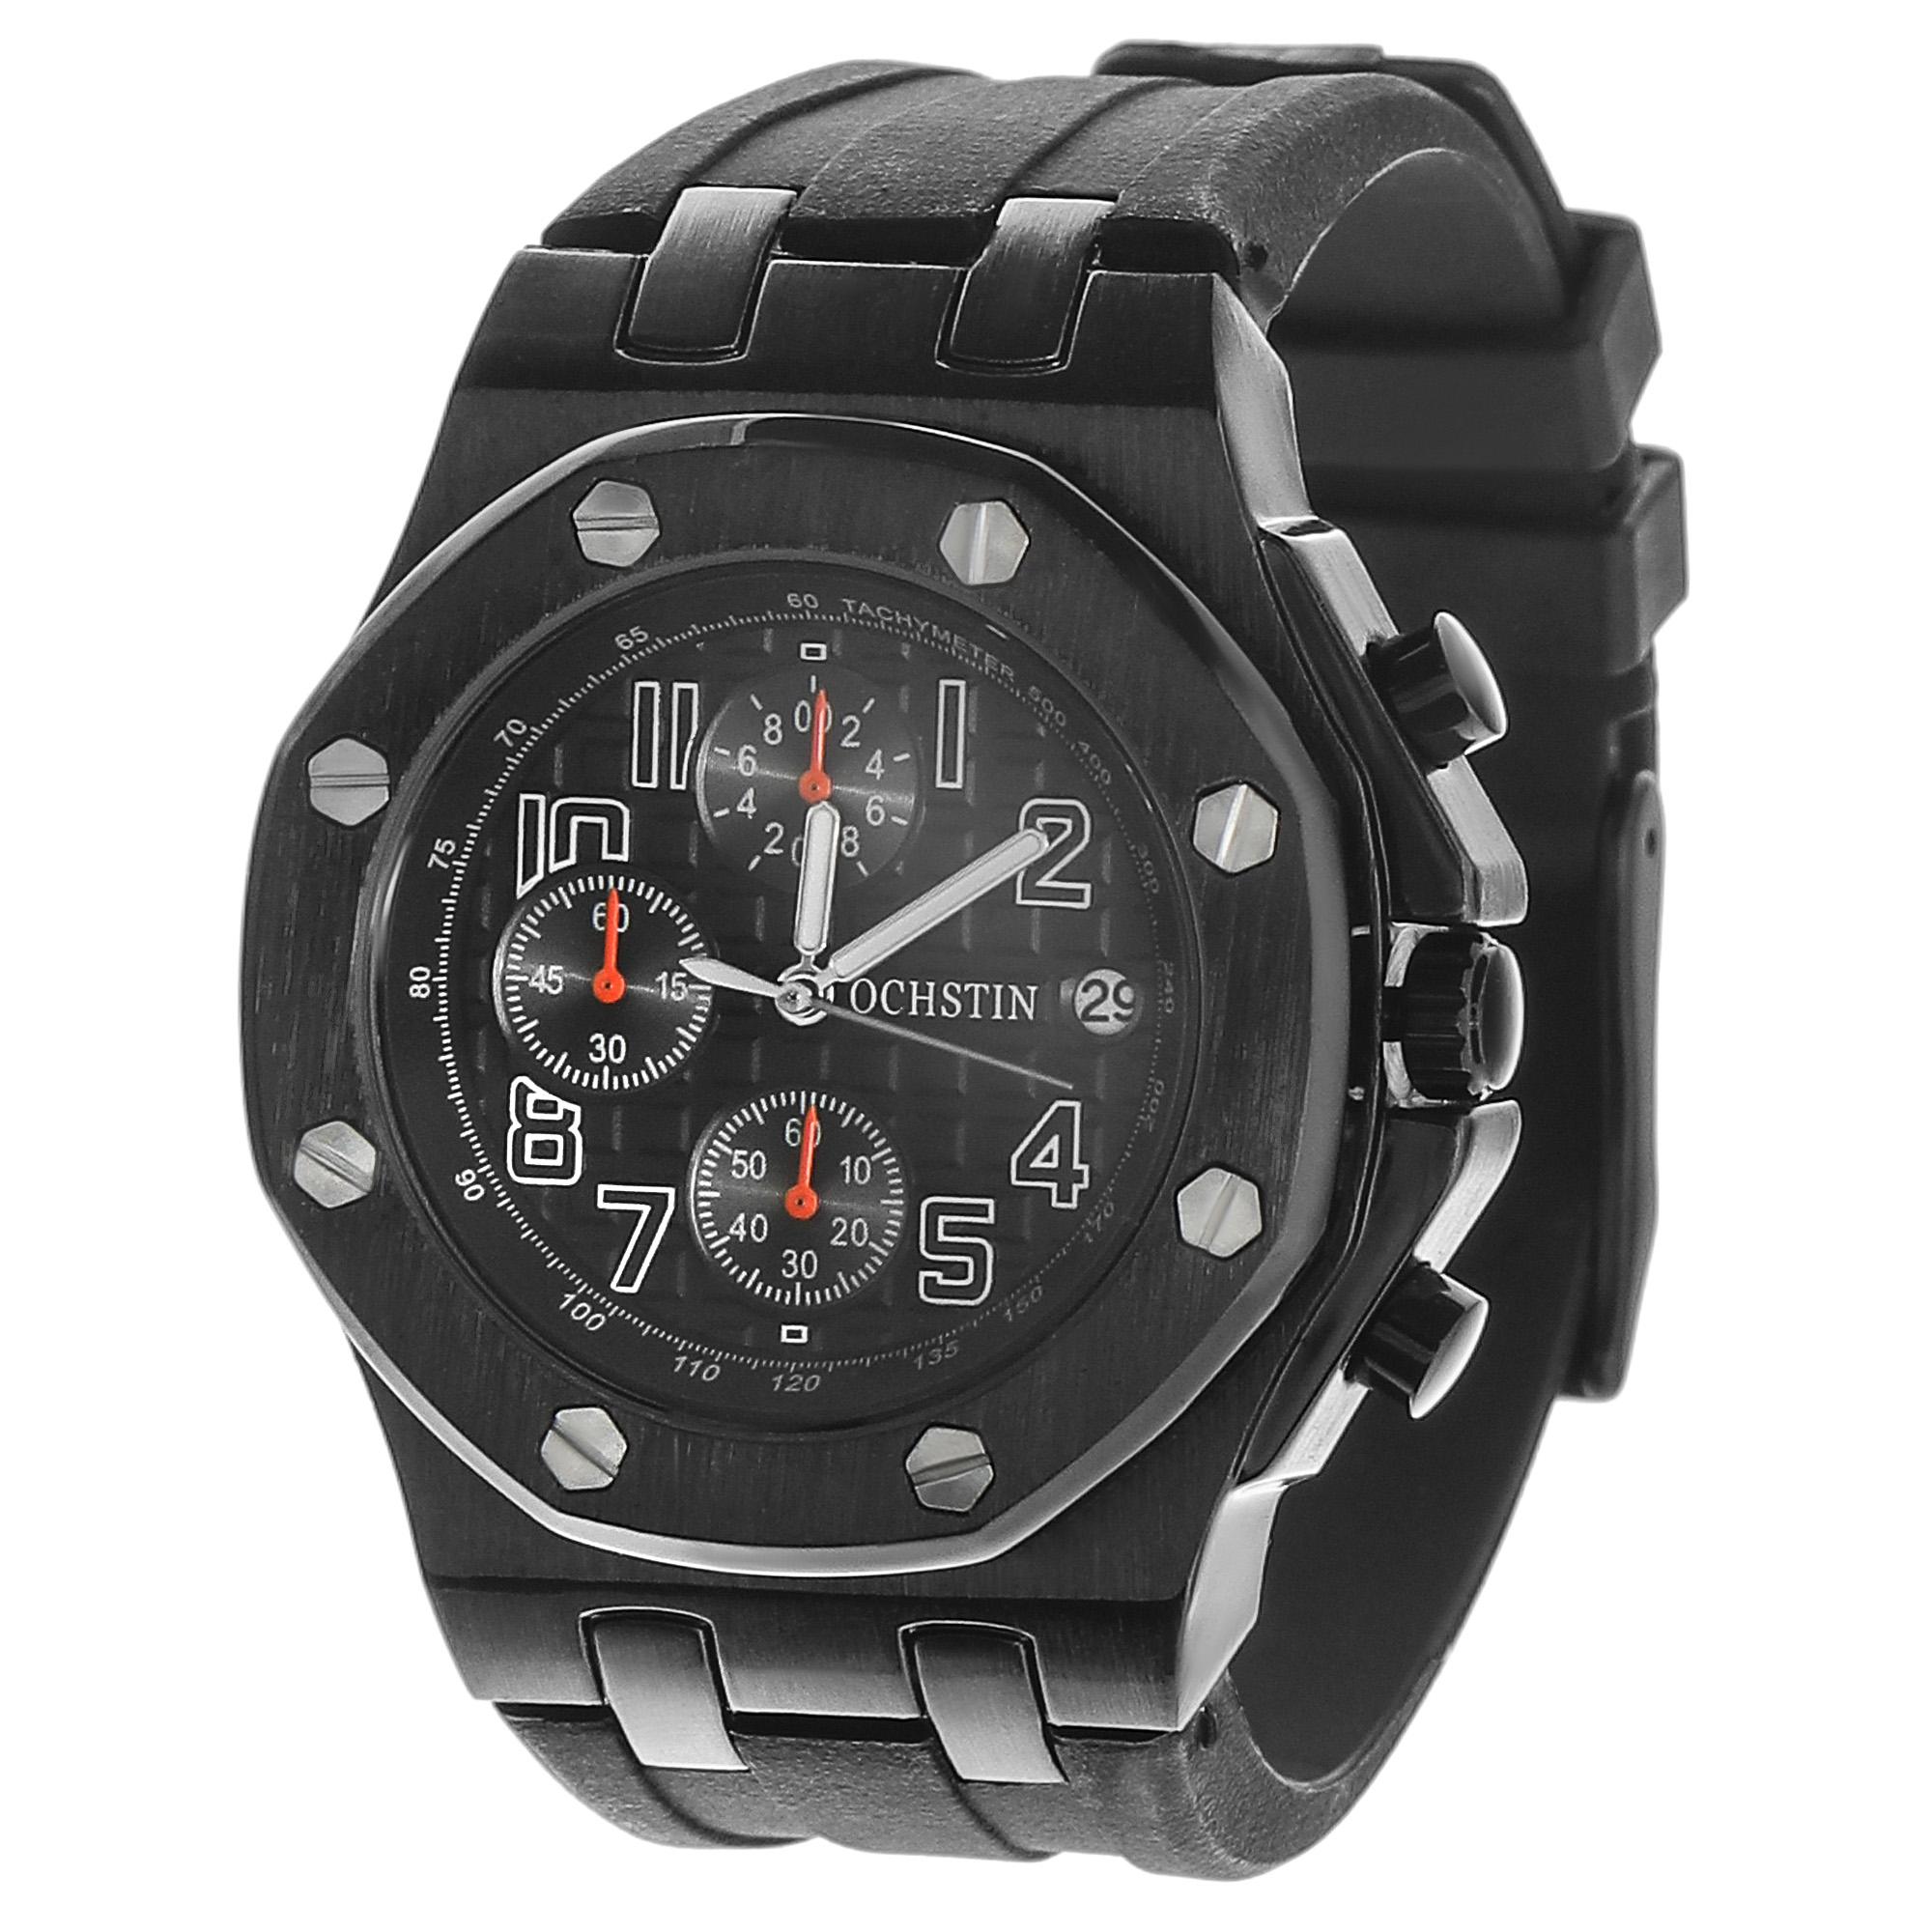 Часы наручные Ochstin AGSD9313 часы наручные shiyi watch ochstin agsda050119